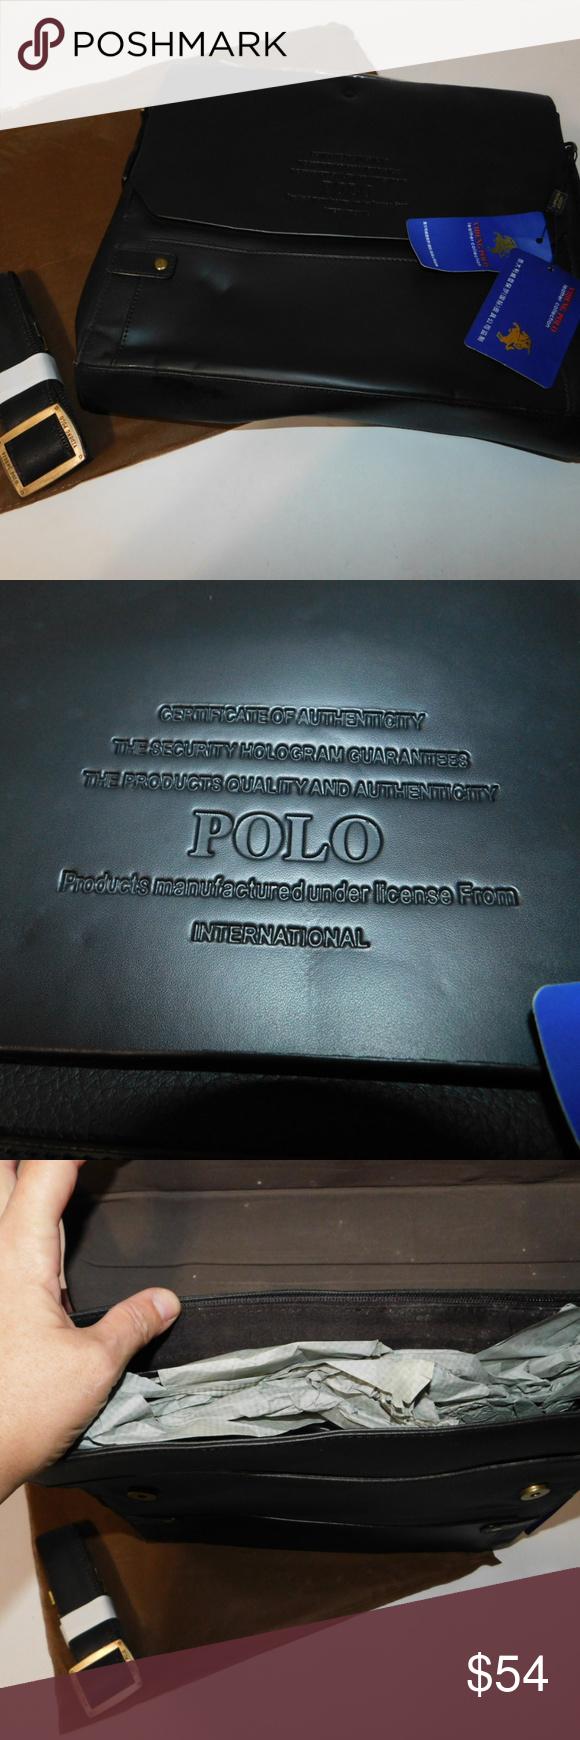 MESIDA Polo Men's Genuine Leather Briefcase Luxurious